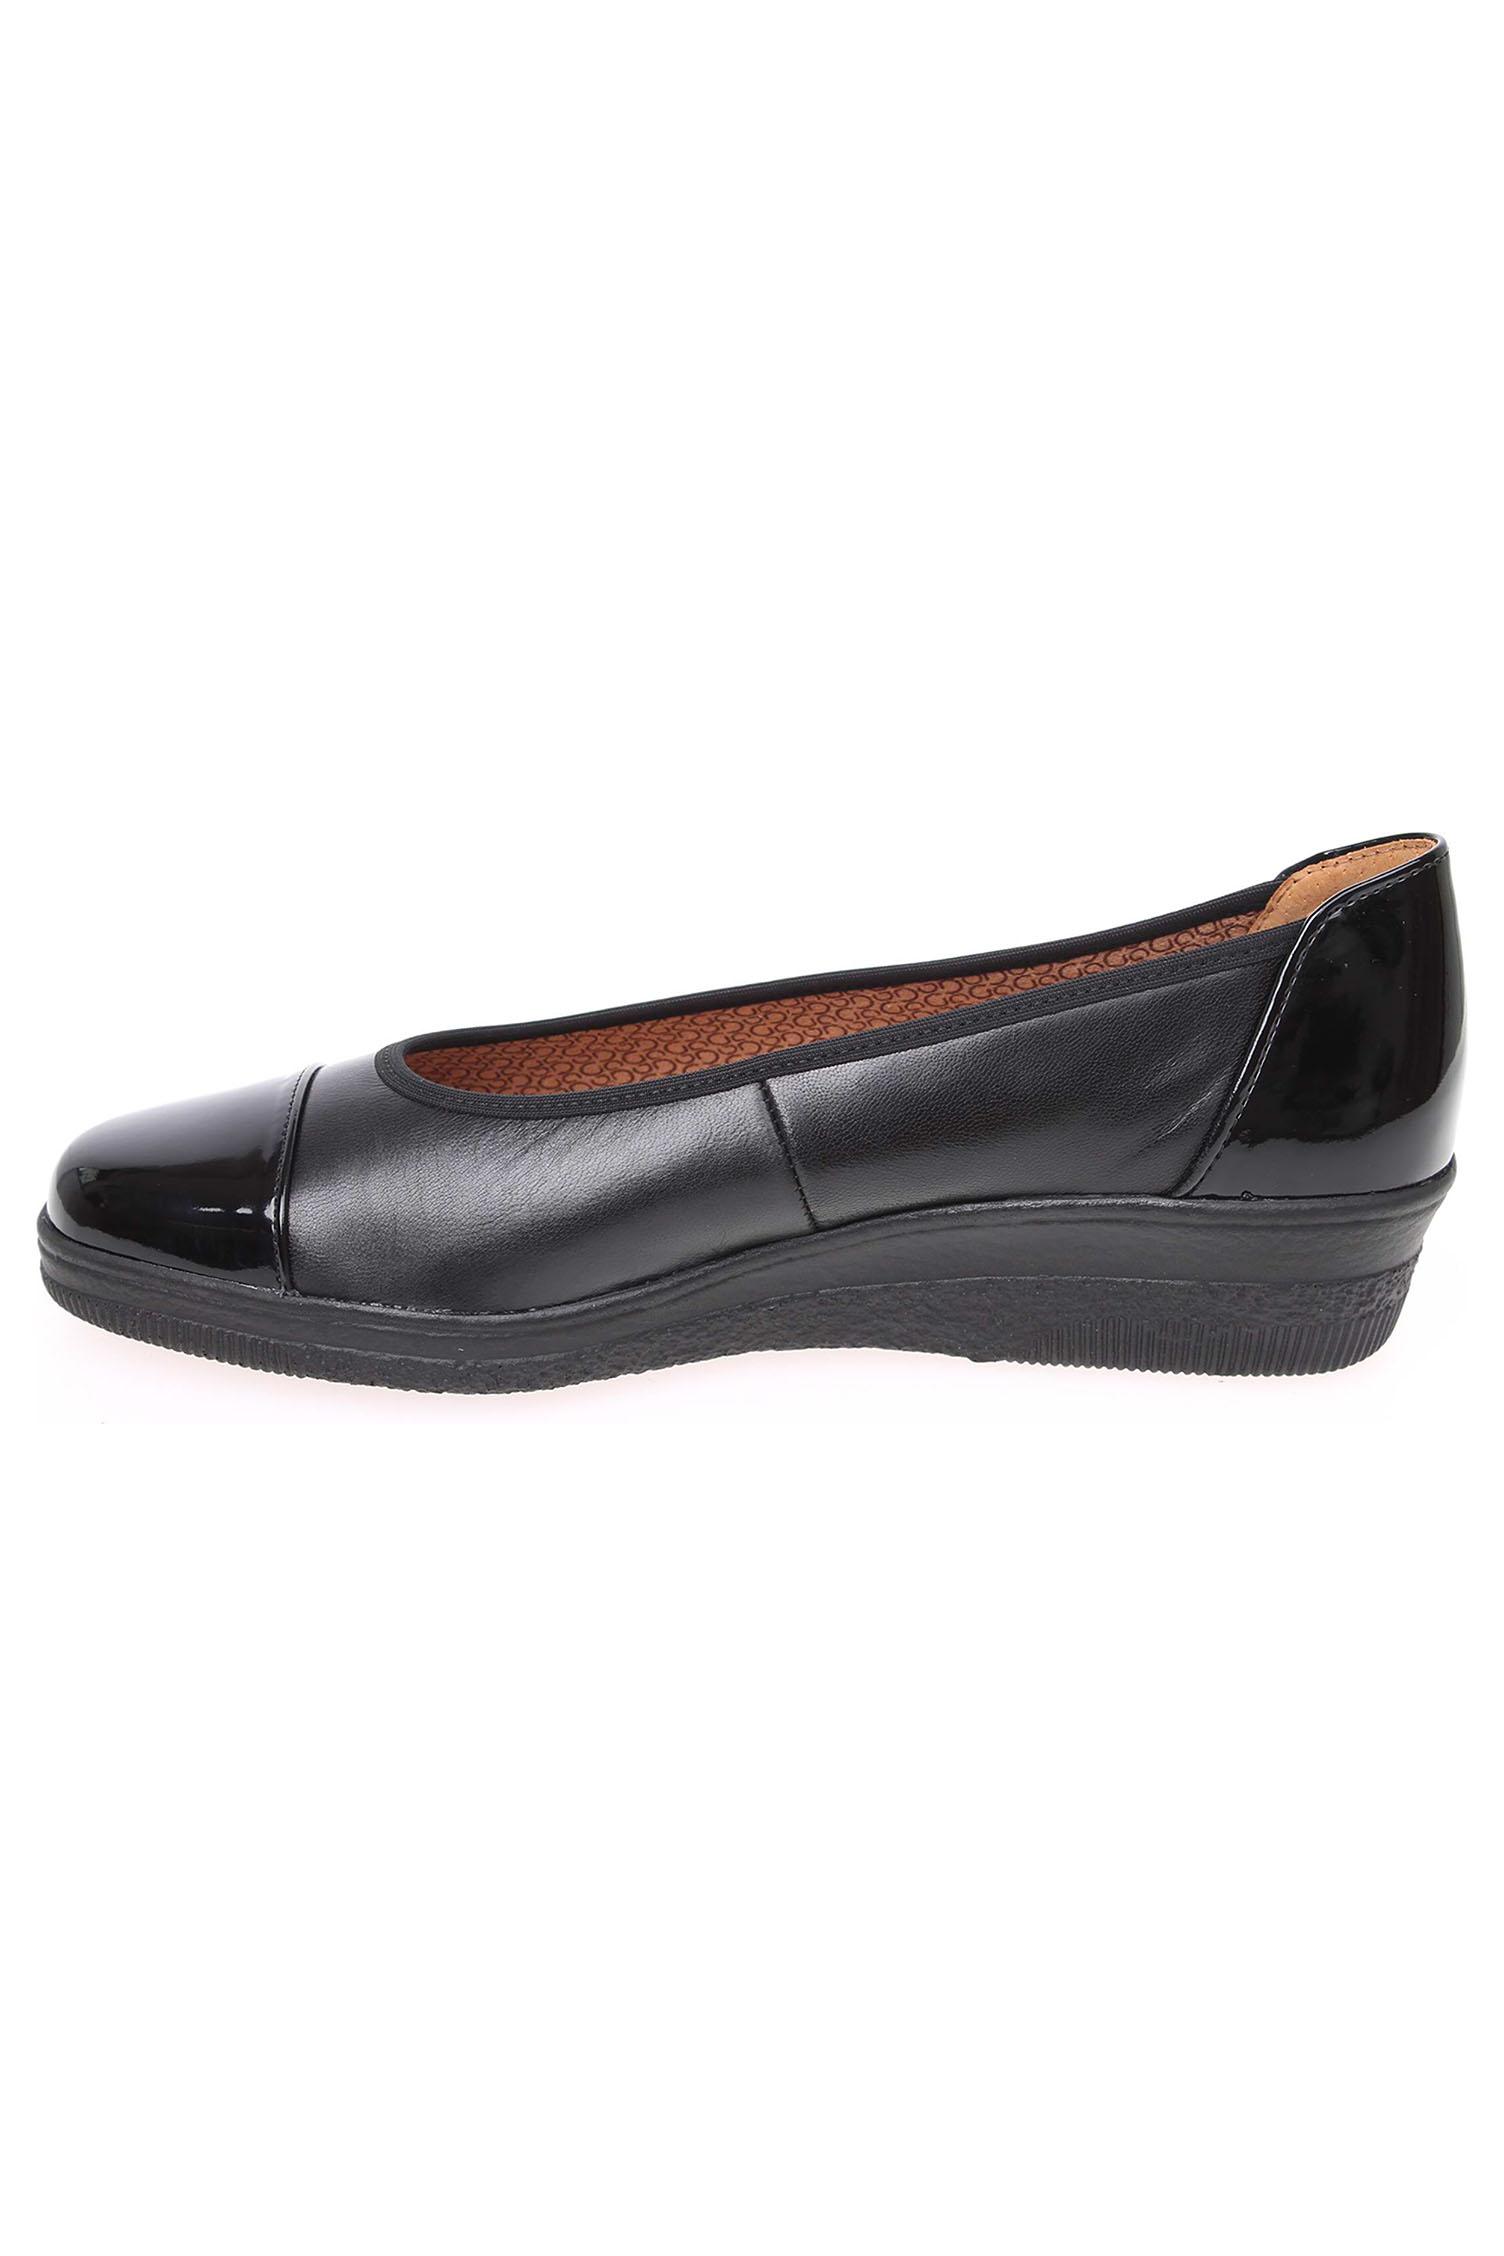 Gabor fekete cipő lakk betétekkel - 42 1 2 - Óriás-Shop nagyméretű férfi  ruhák és női edfe39e673